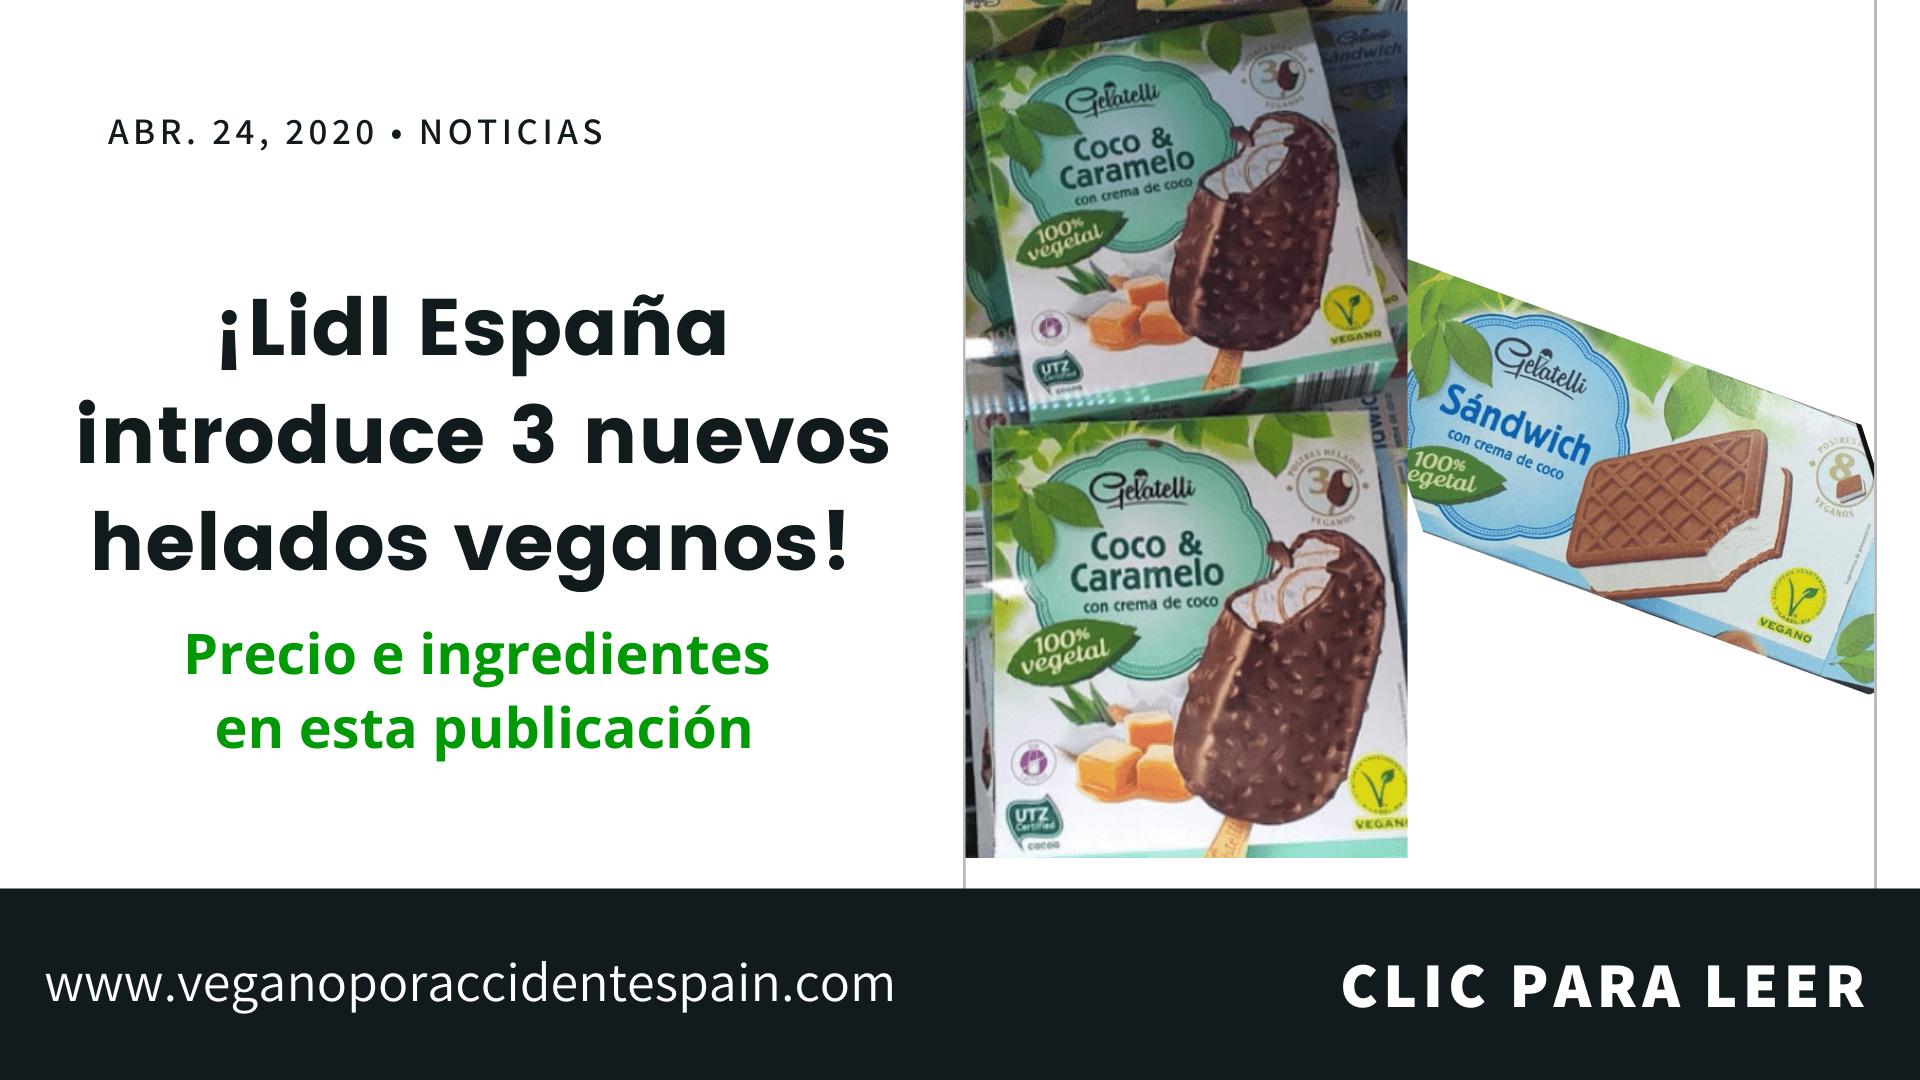 ¡Estos son los nuevos helados veganos de Lidl España!